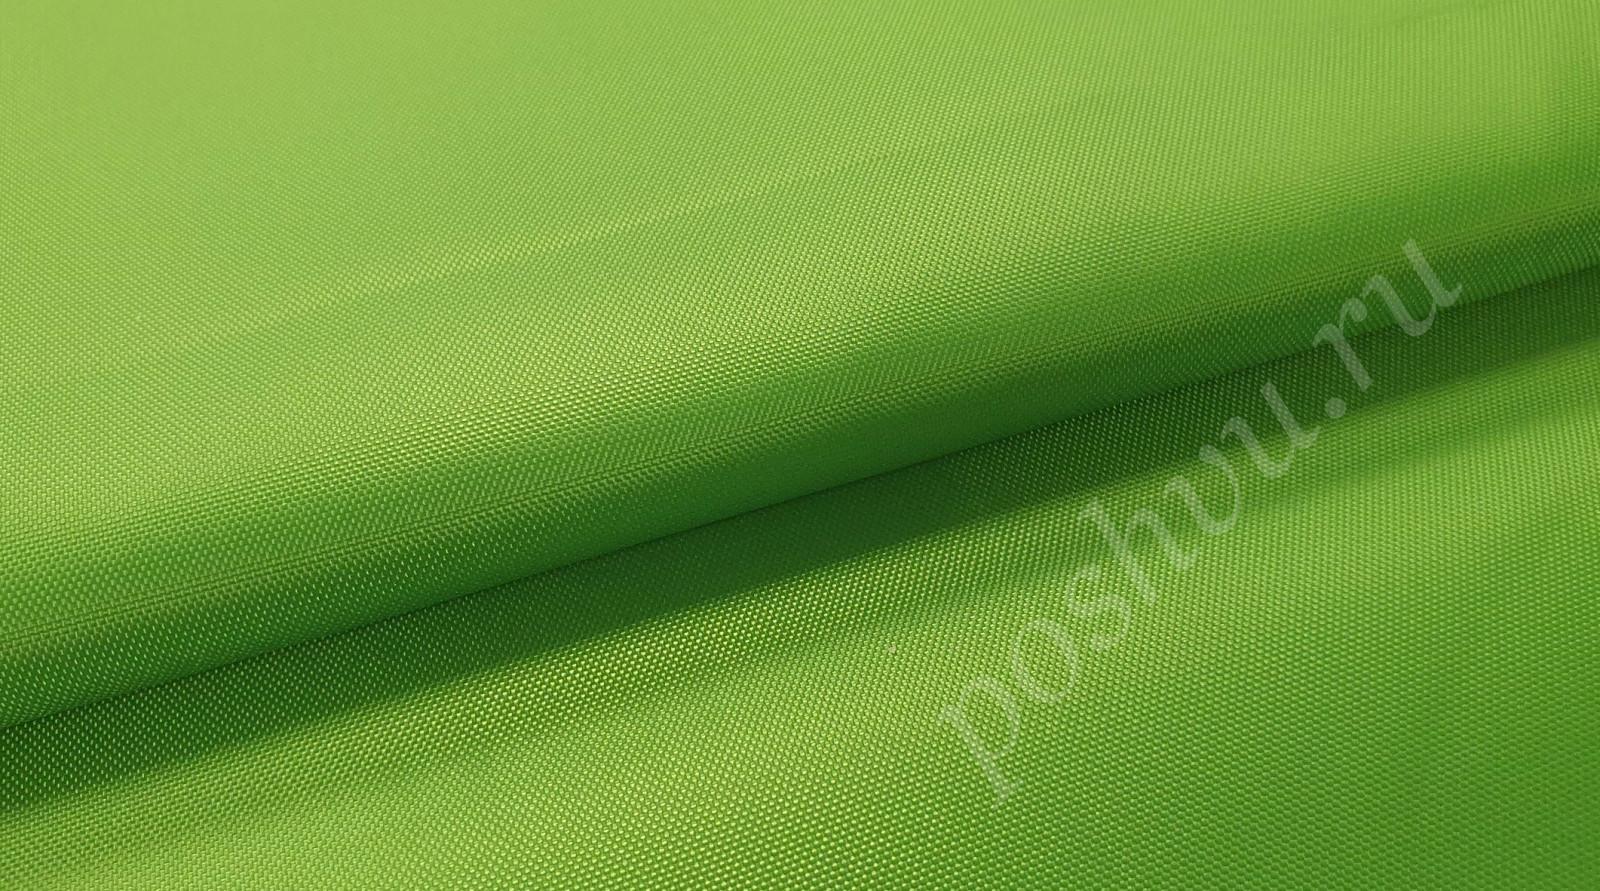 Оксфорд 210д с пропиткой пу1000 постельное белье ламборджини